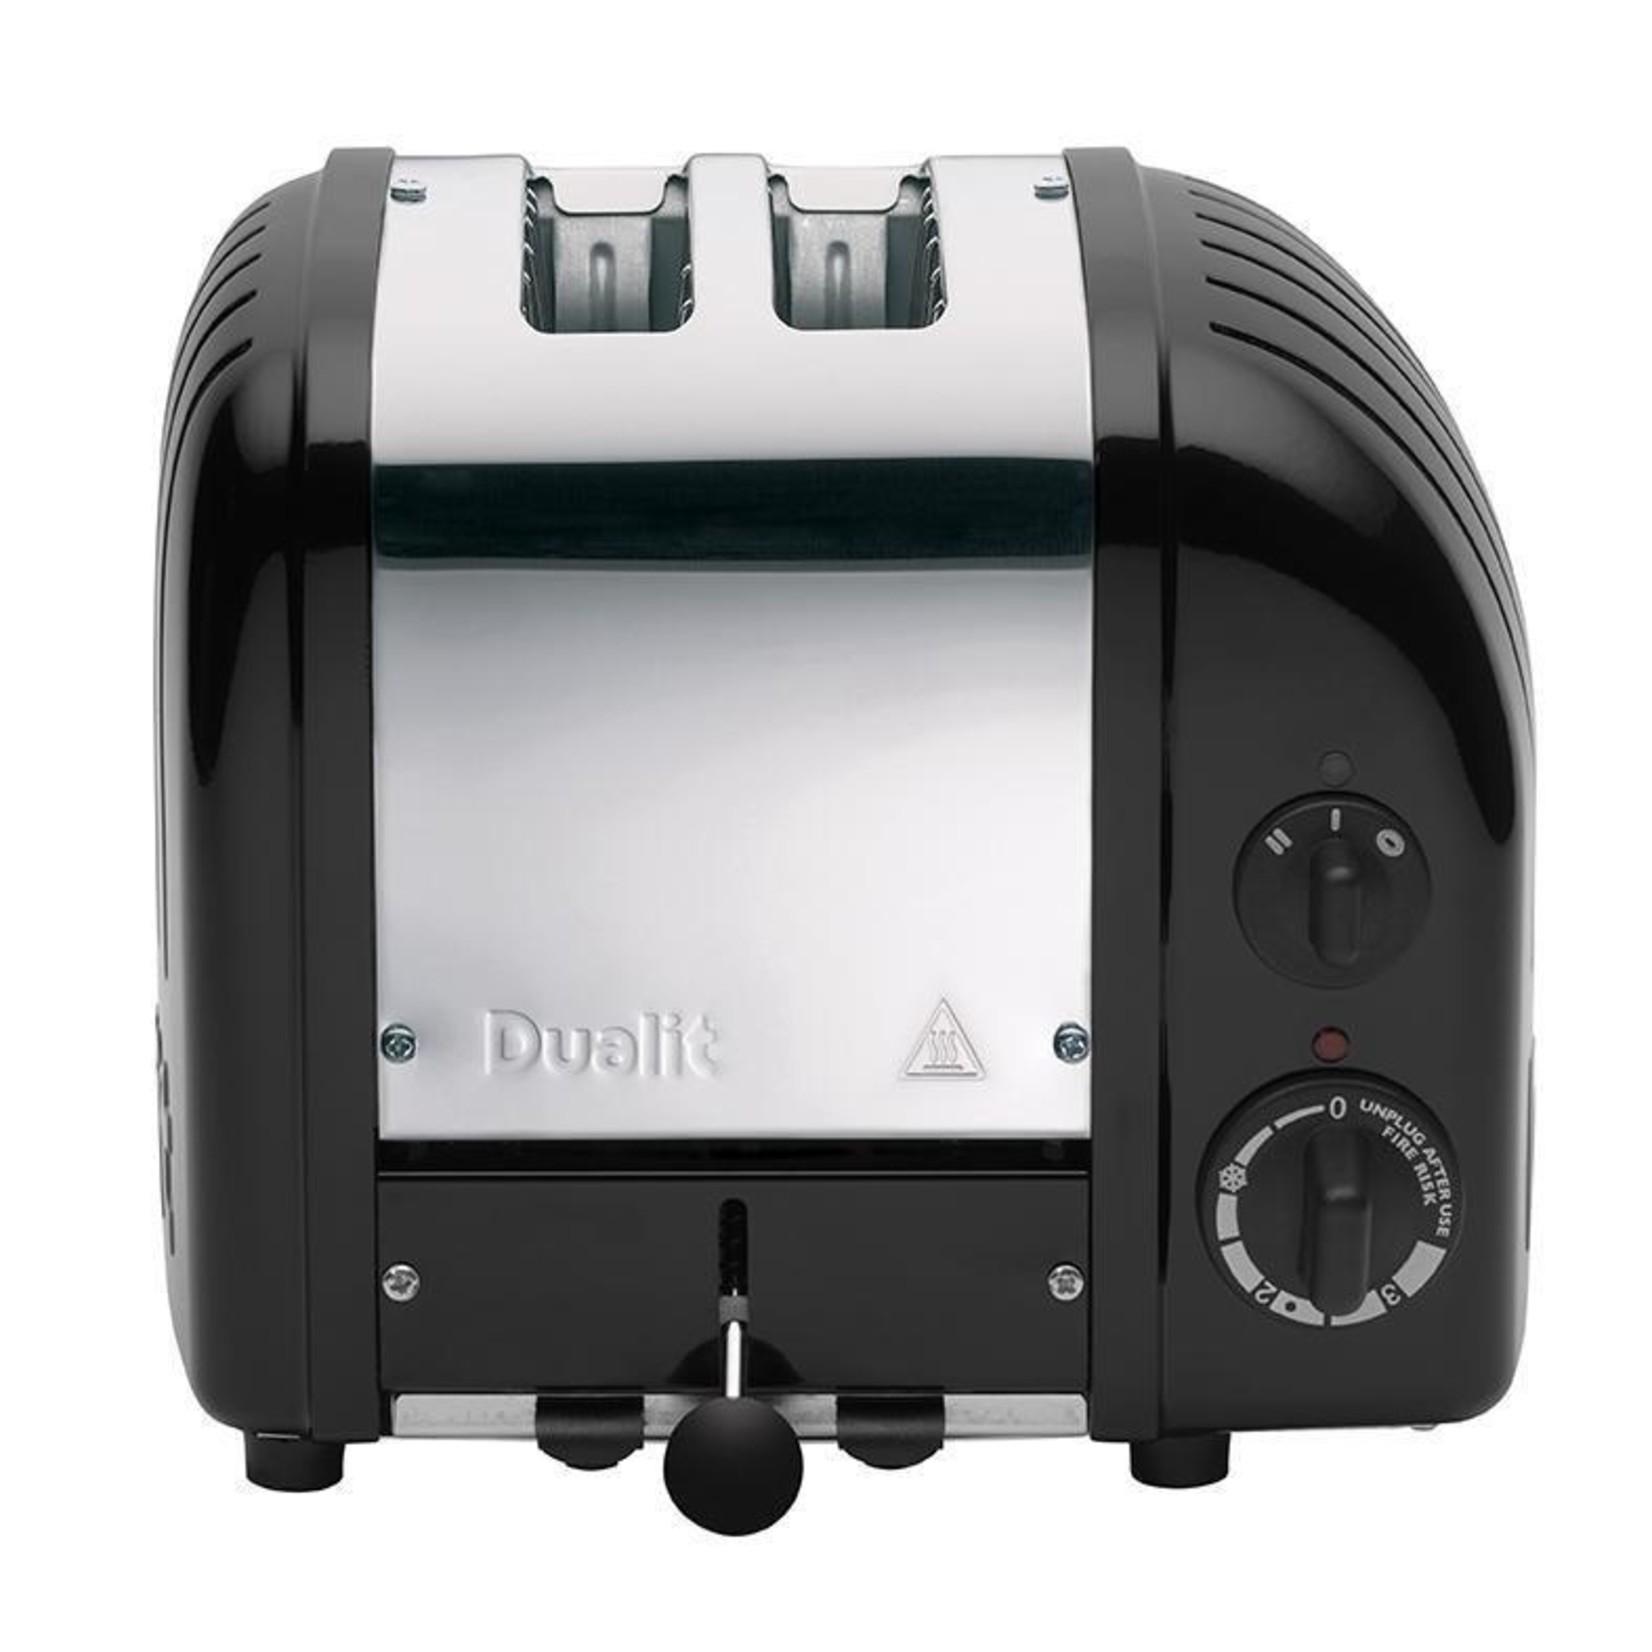 Dualit Dualit Vario NewGen Broodrooster 2 slots RVS Zwart